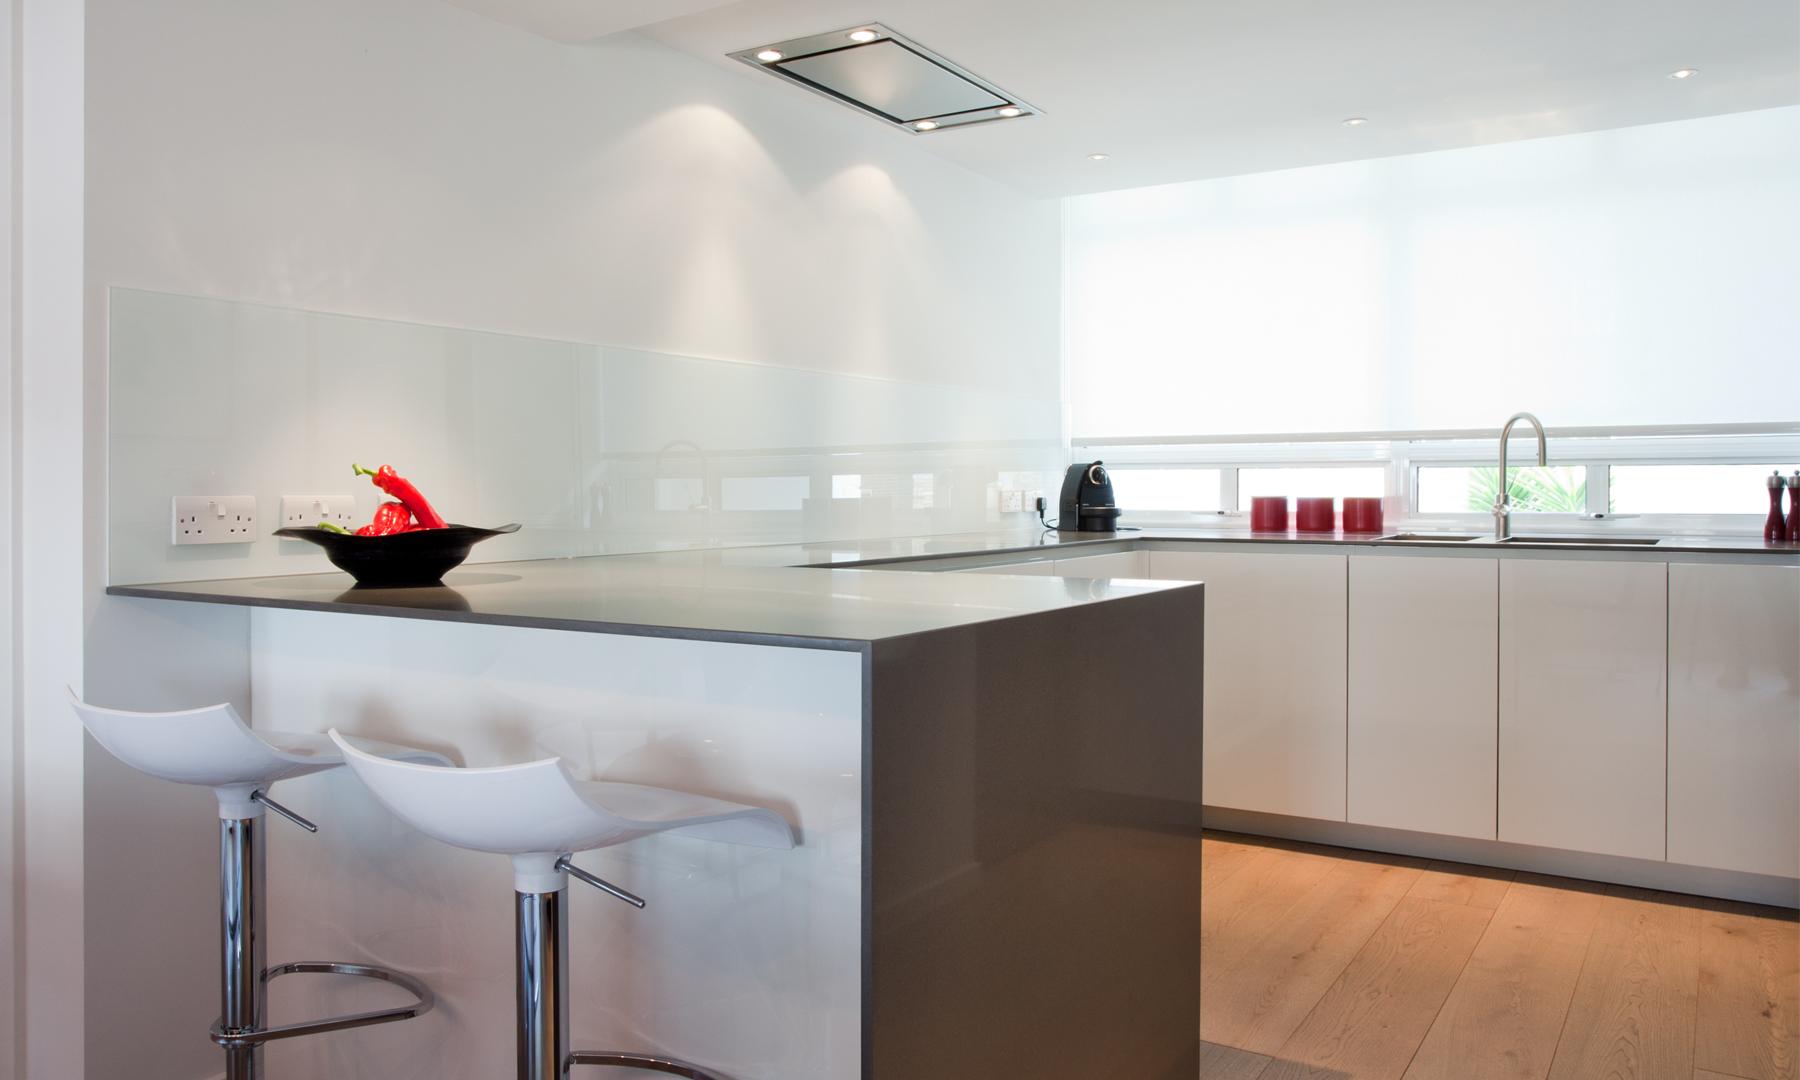 Kitchen Design W1 View 1